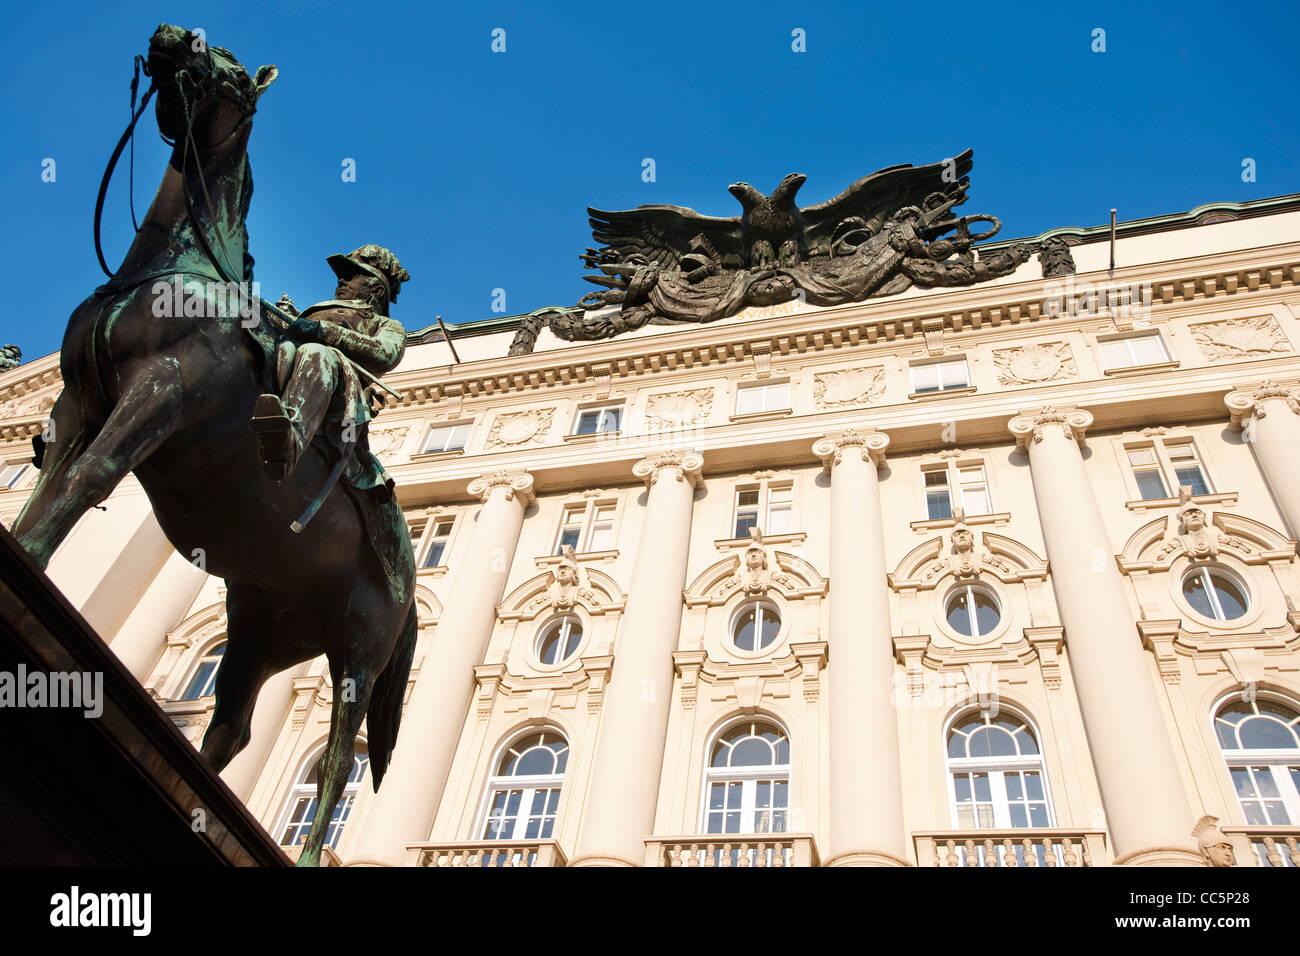 Österreich, Wien 1, Ehemaliges k.u.k. Kriegsministerium am Stubenring 1, heute Sitz mehrerer Bundesministerien, - Stock Image